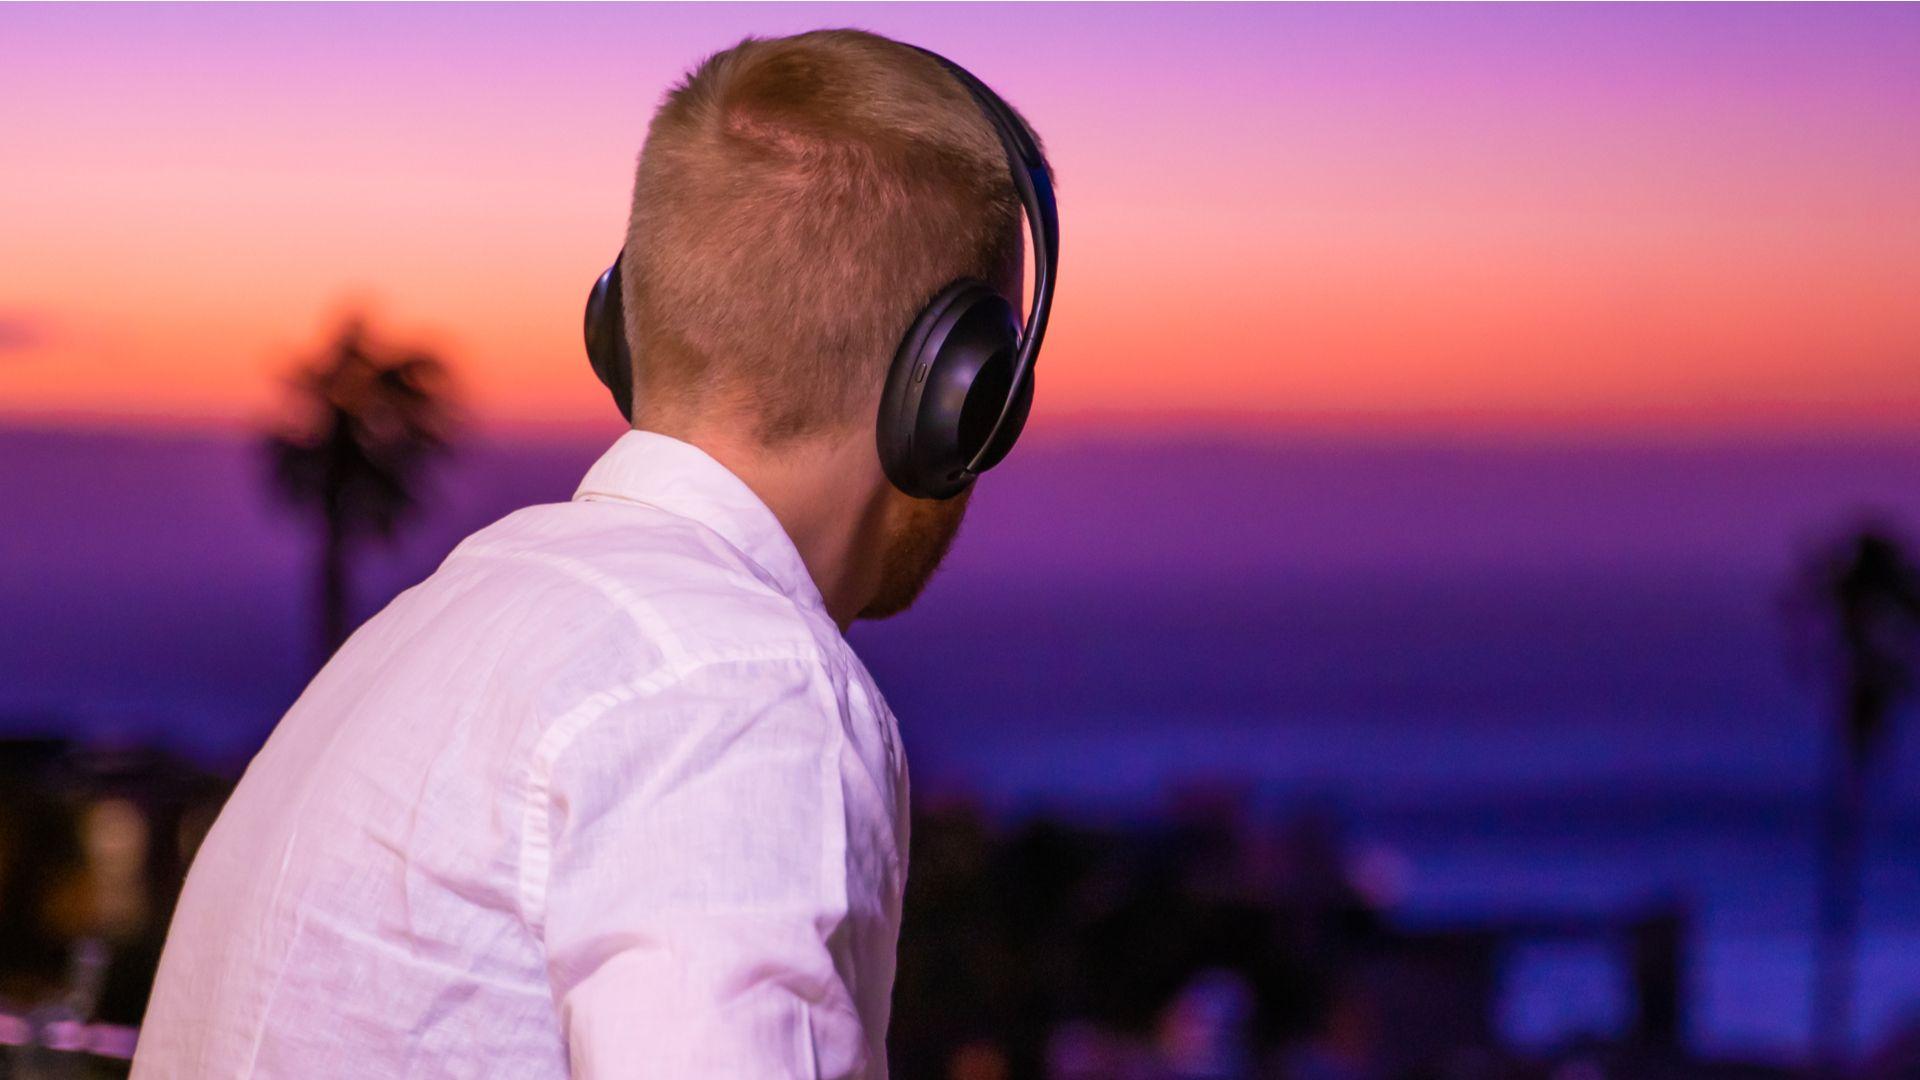 Os fones over-ear, que cobrem toda a orelha, são os que melhor isolam ruídos devido ao cancelamento passivo. (Imagem: Daniel Explores/Shutterstock)